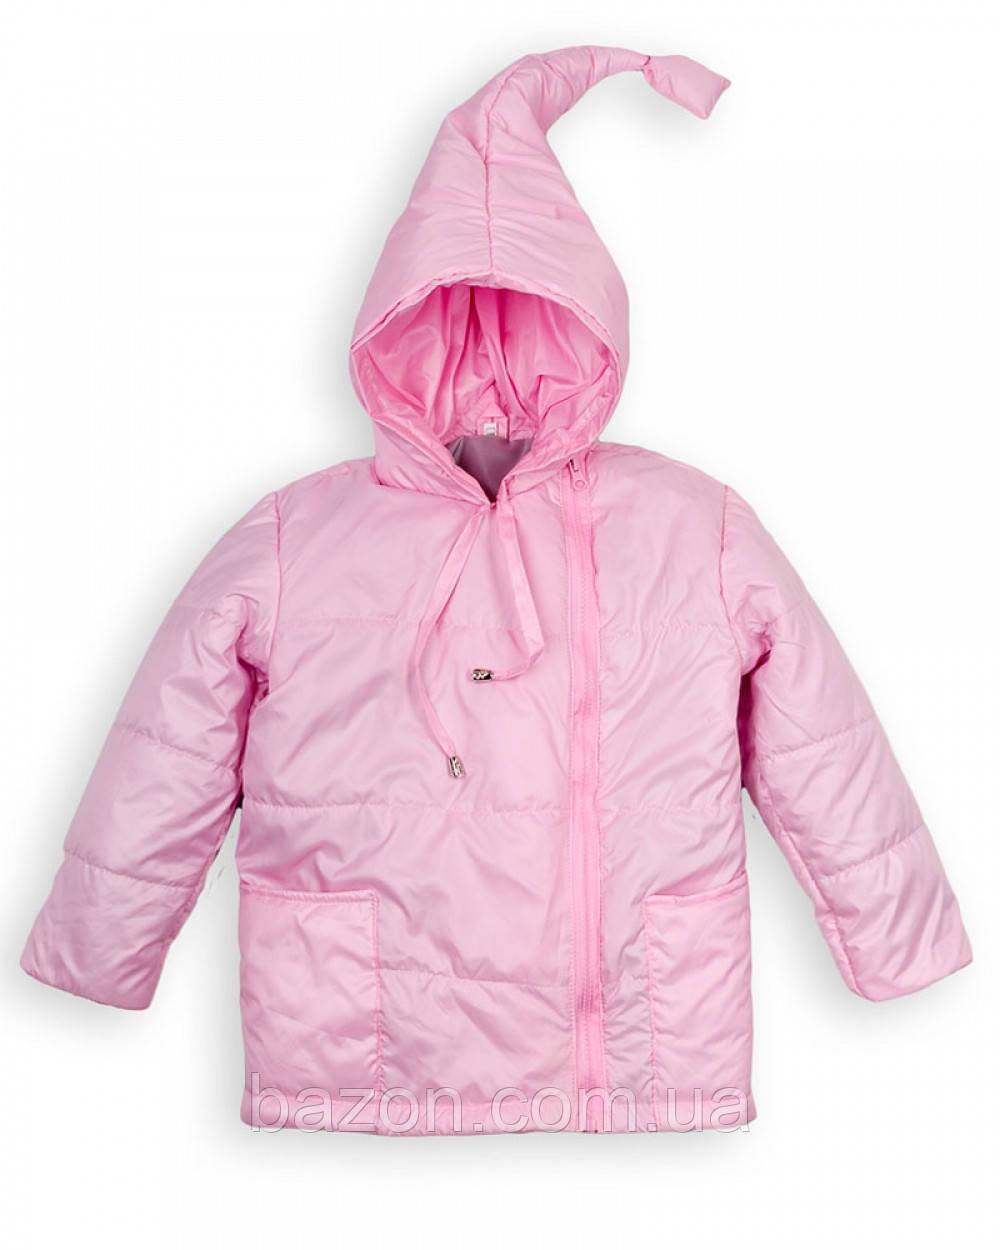 """Детская куртка """"Гномик"""" весна-осень на девочку 1-5 лет (розовая)"""